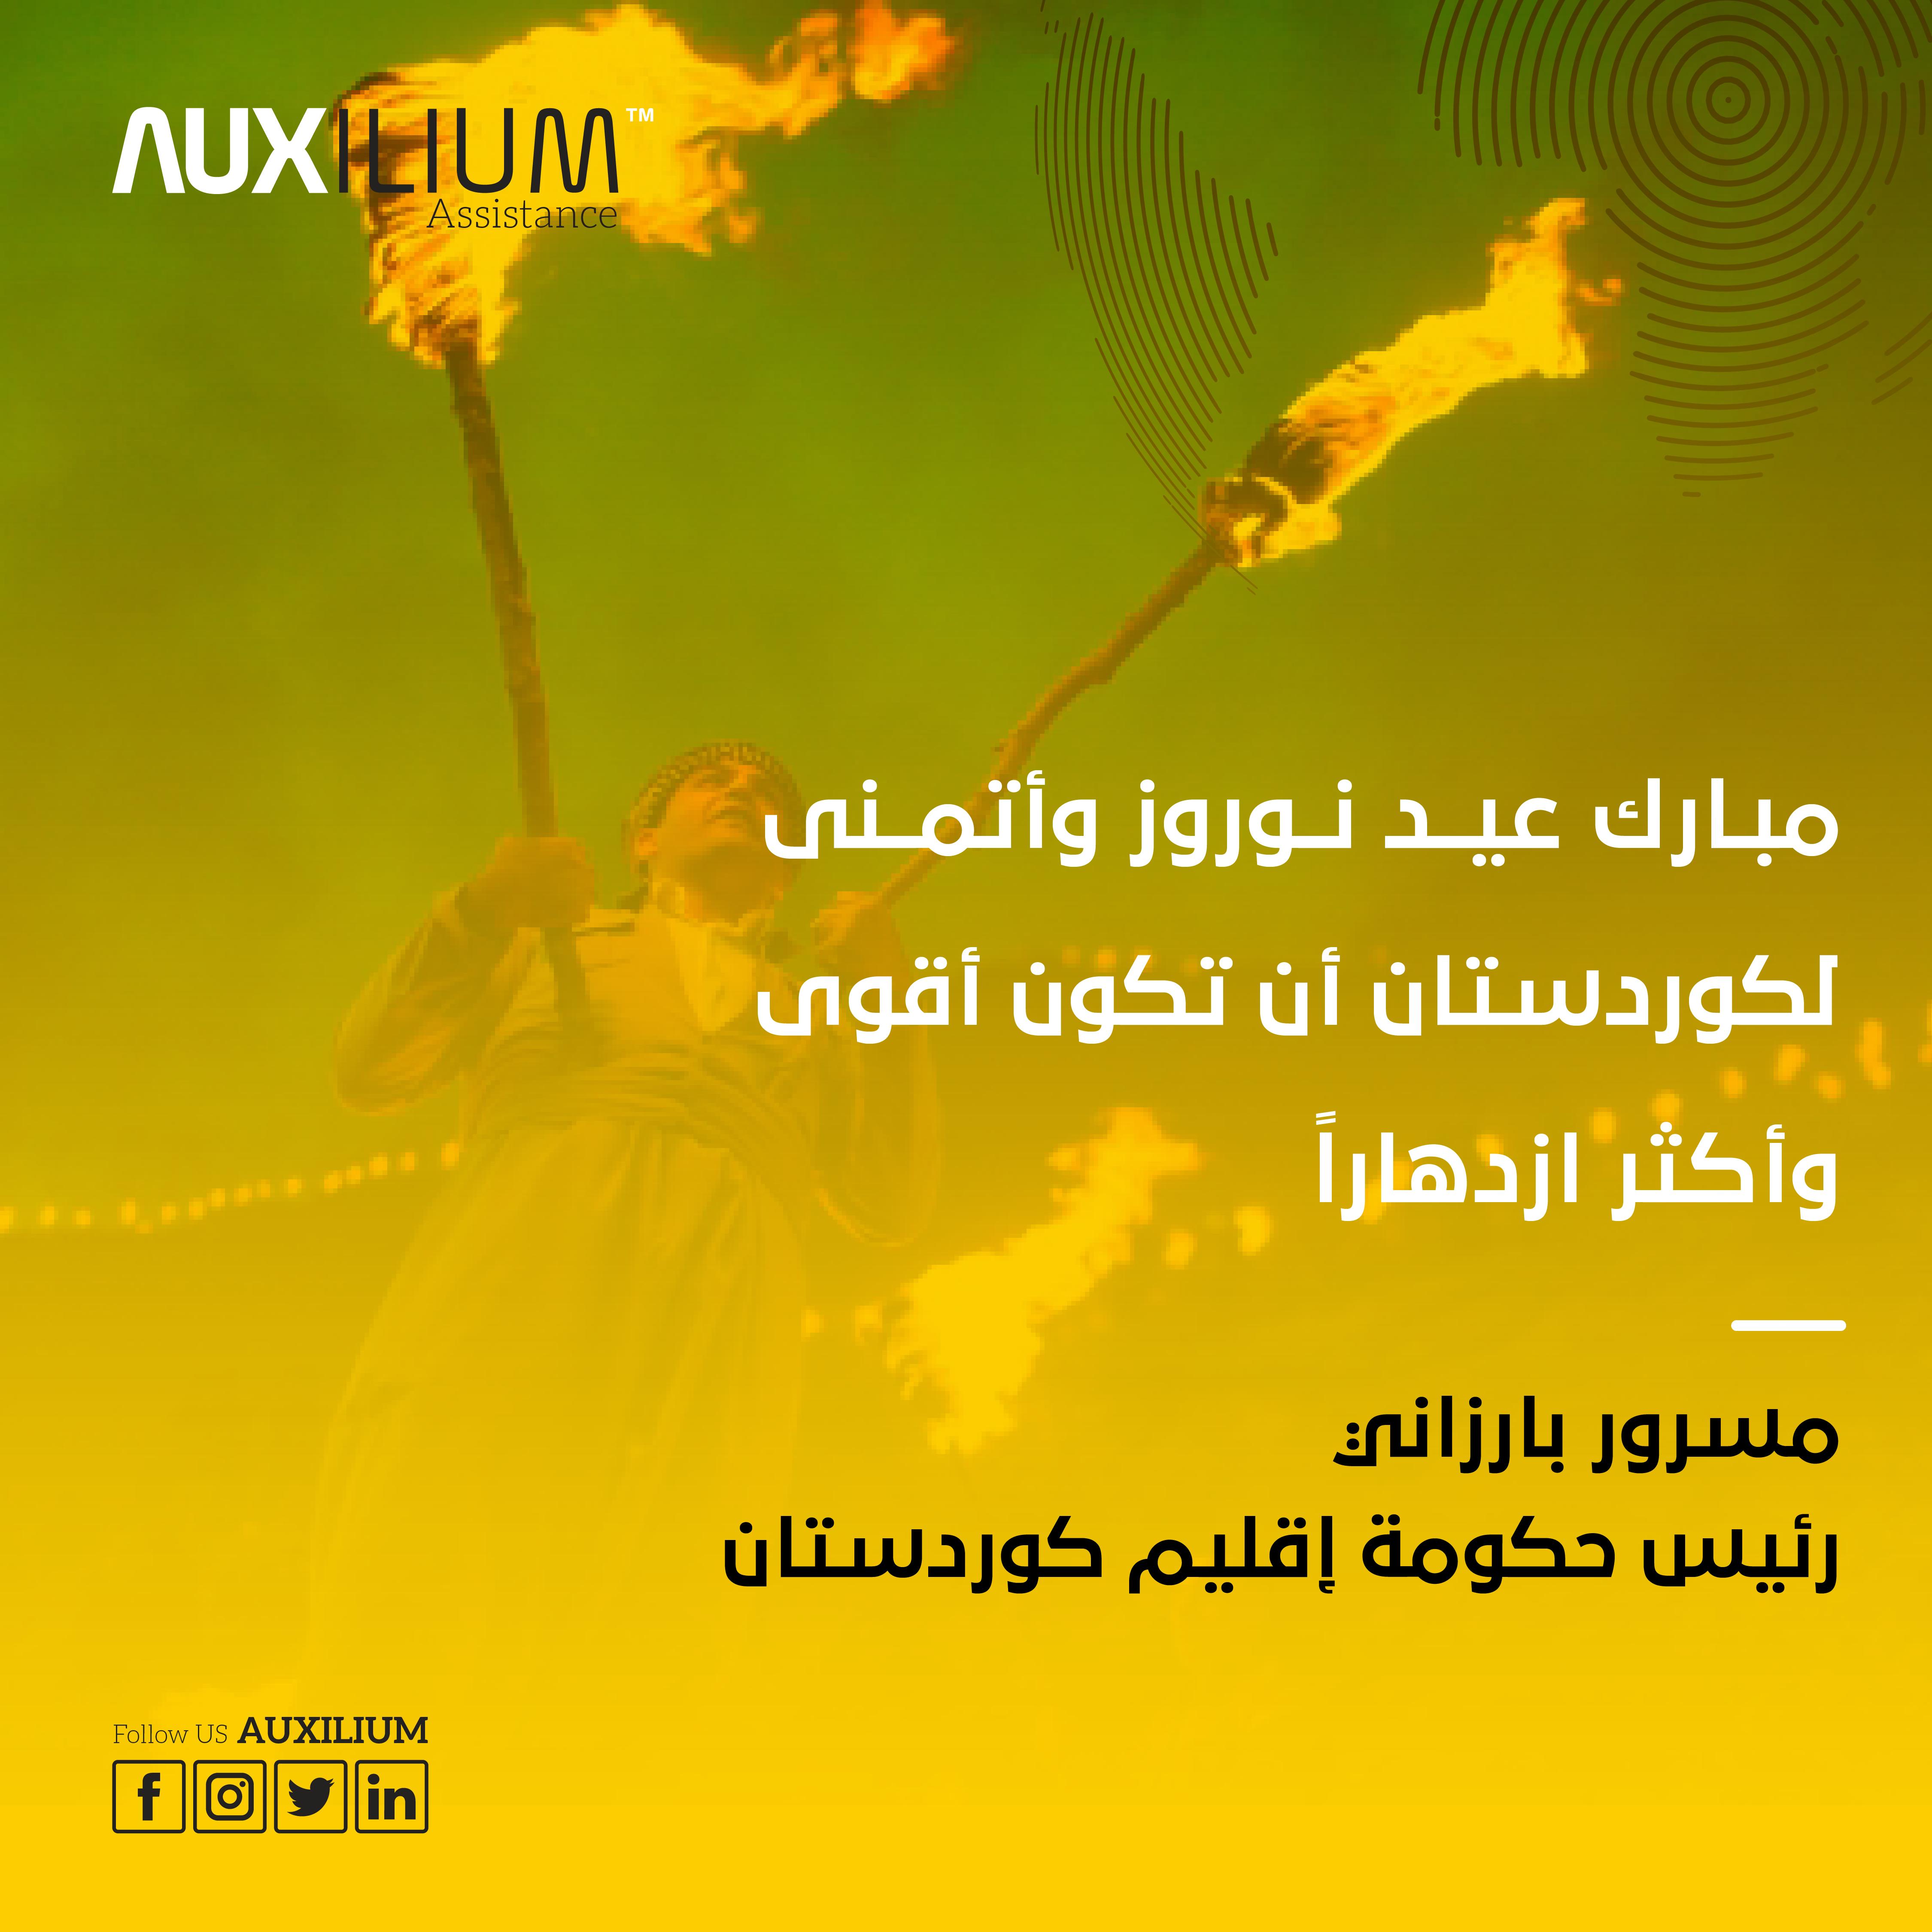 عيد نوروز سعيد Movie Posters Poster Movies